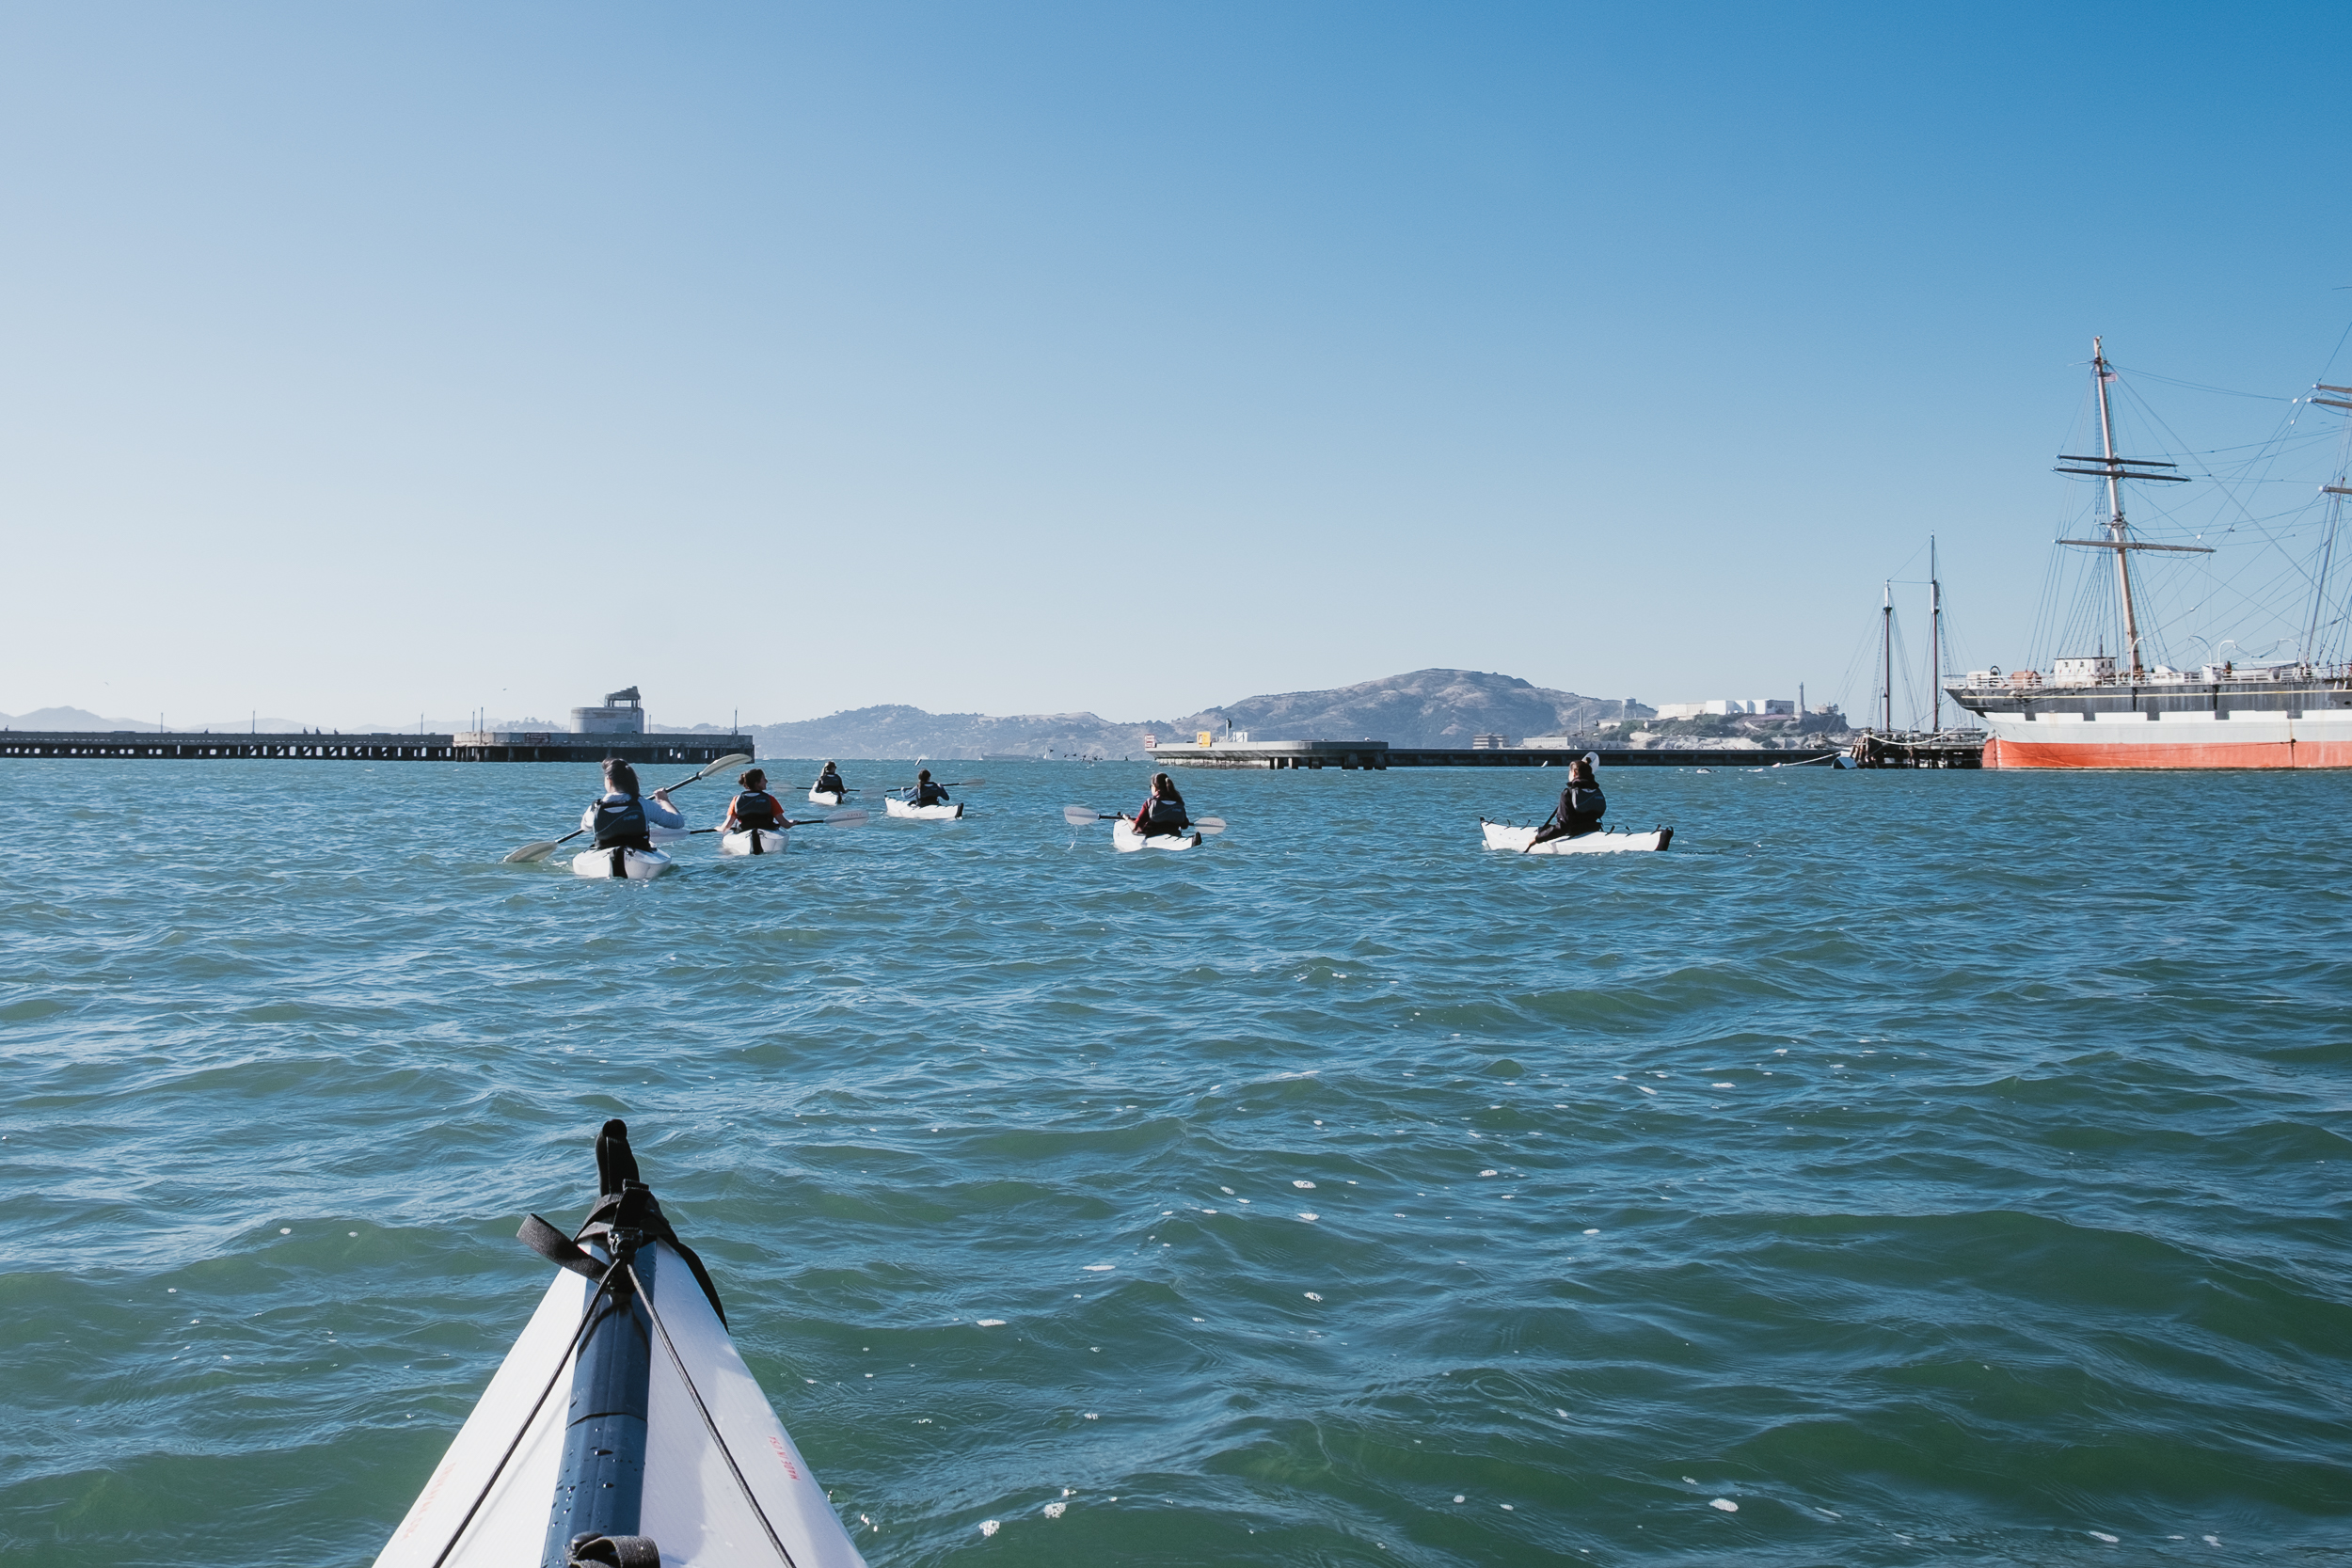 oru-kayak-she-explores-vivianchen-0006.jpg